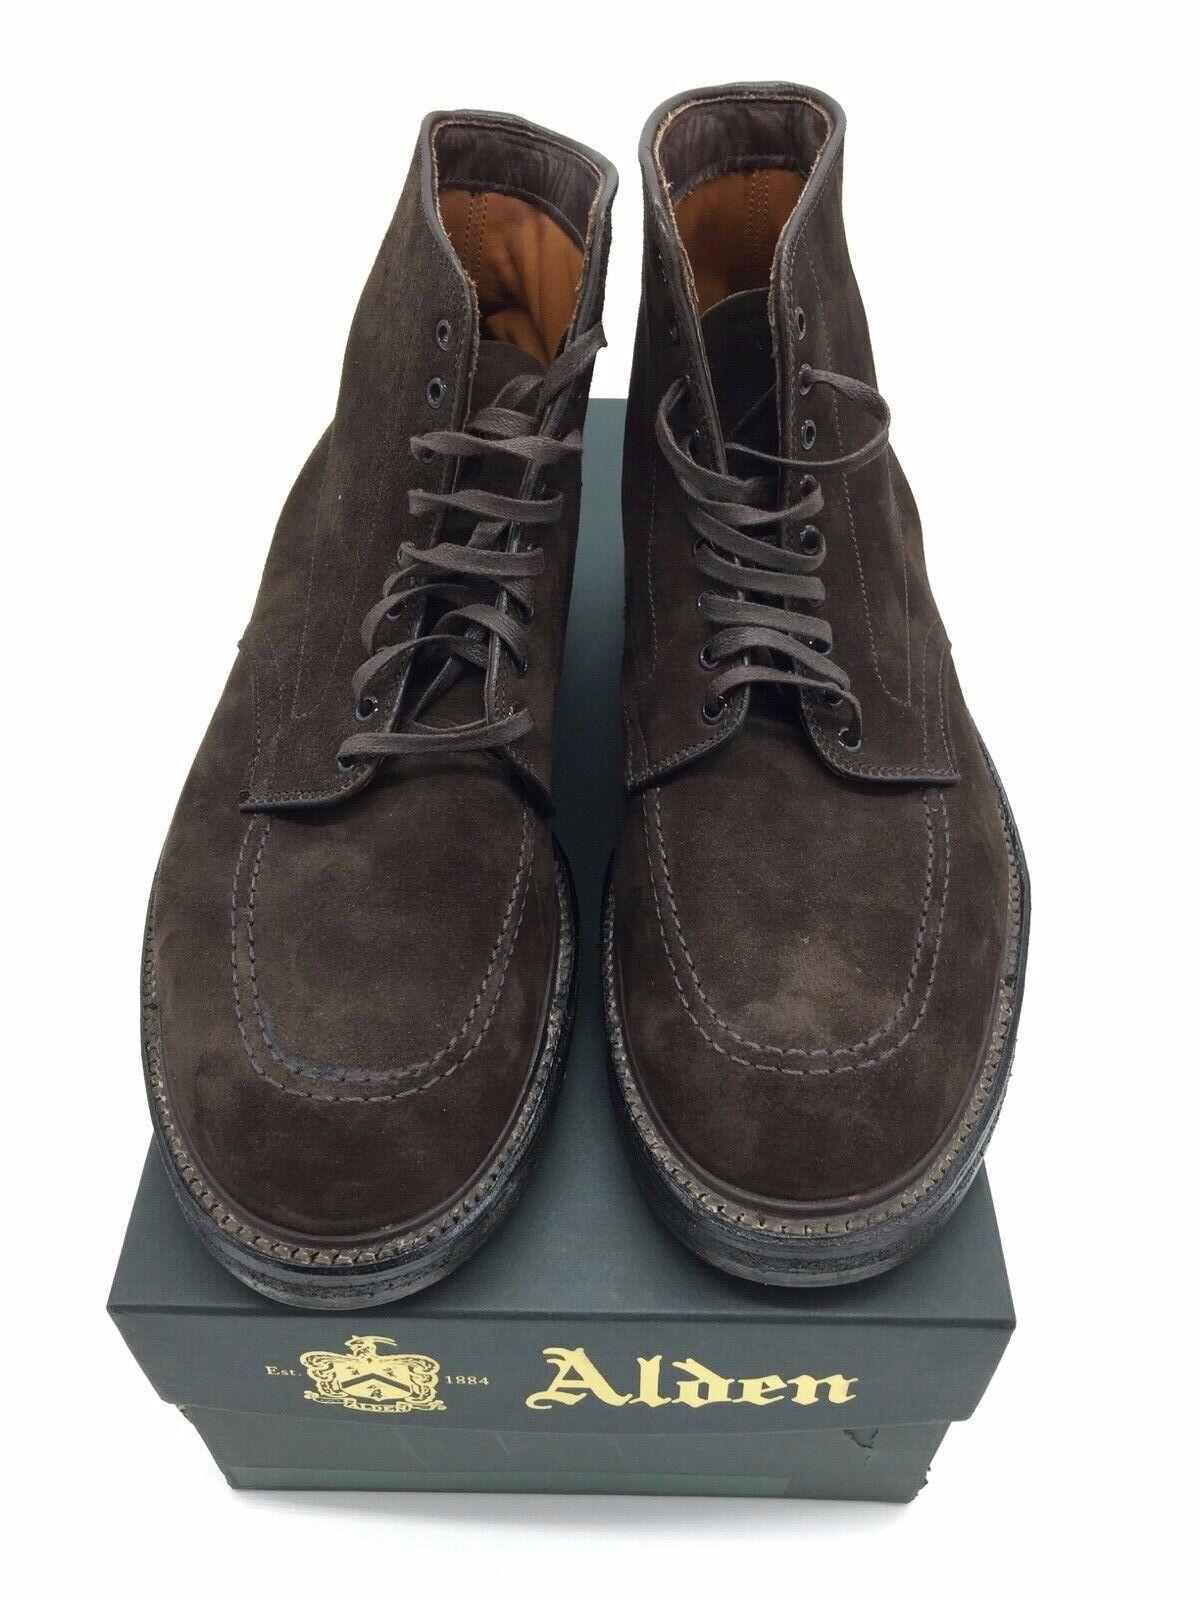 ALDEN chaussures WORK bottes 40558 SUEDE